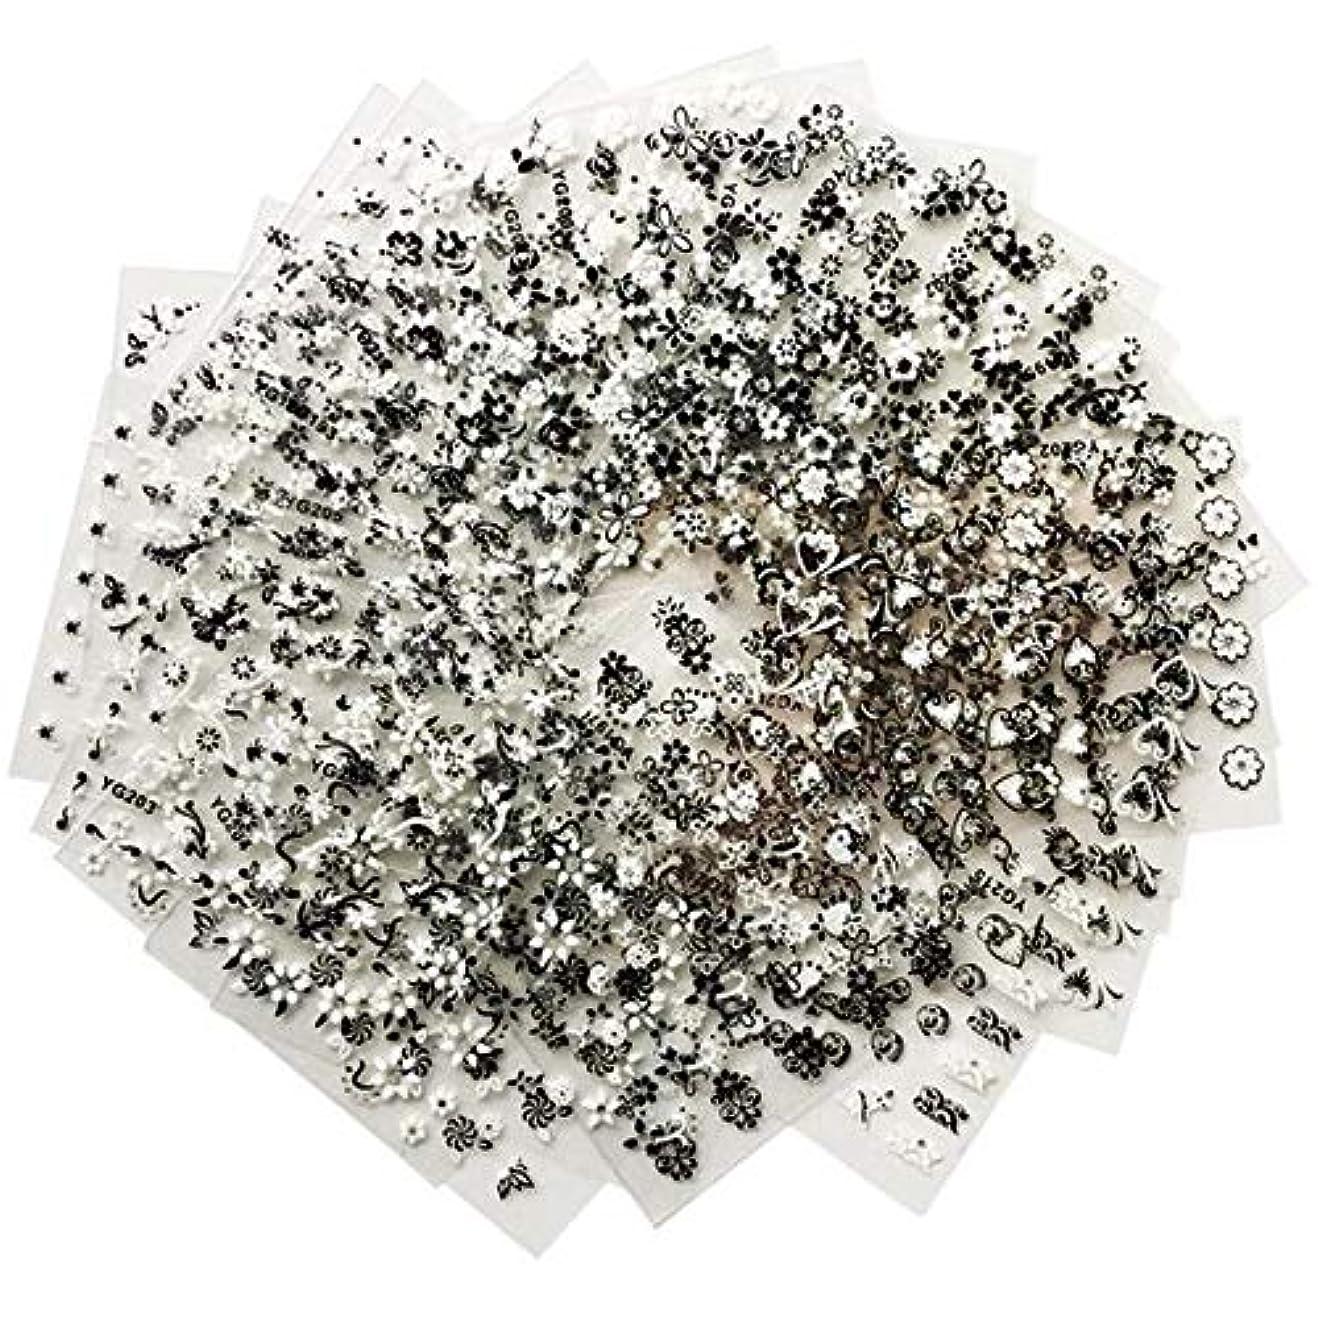 簿記係唯一戻るFidgetGear 24枚ホワイト&ブラックネイルアート転写ステッカーDIY 3Dデザインマニキュアのヒントデカール